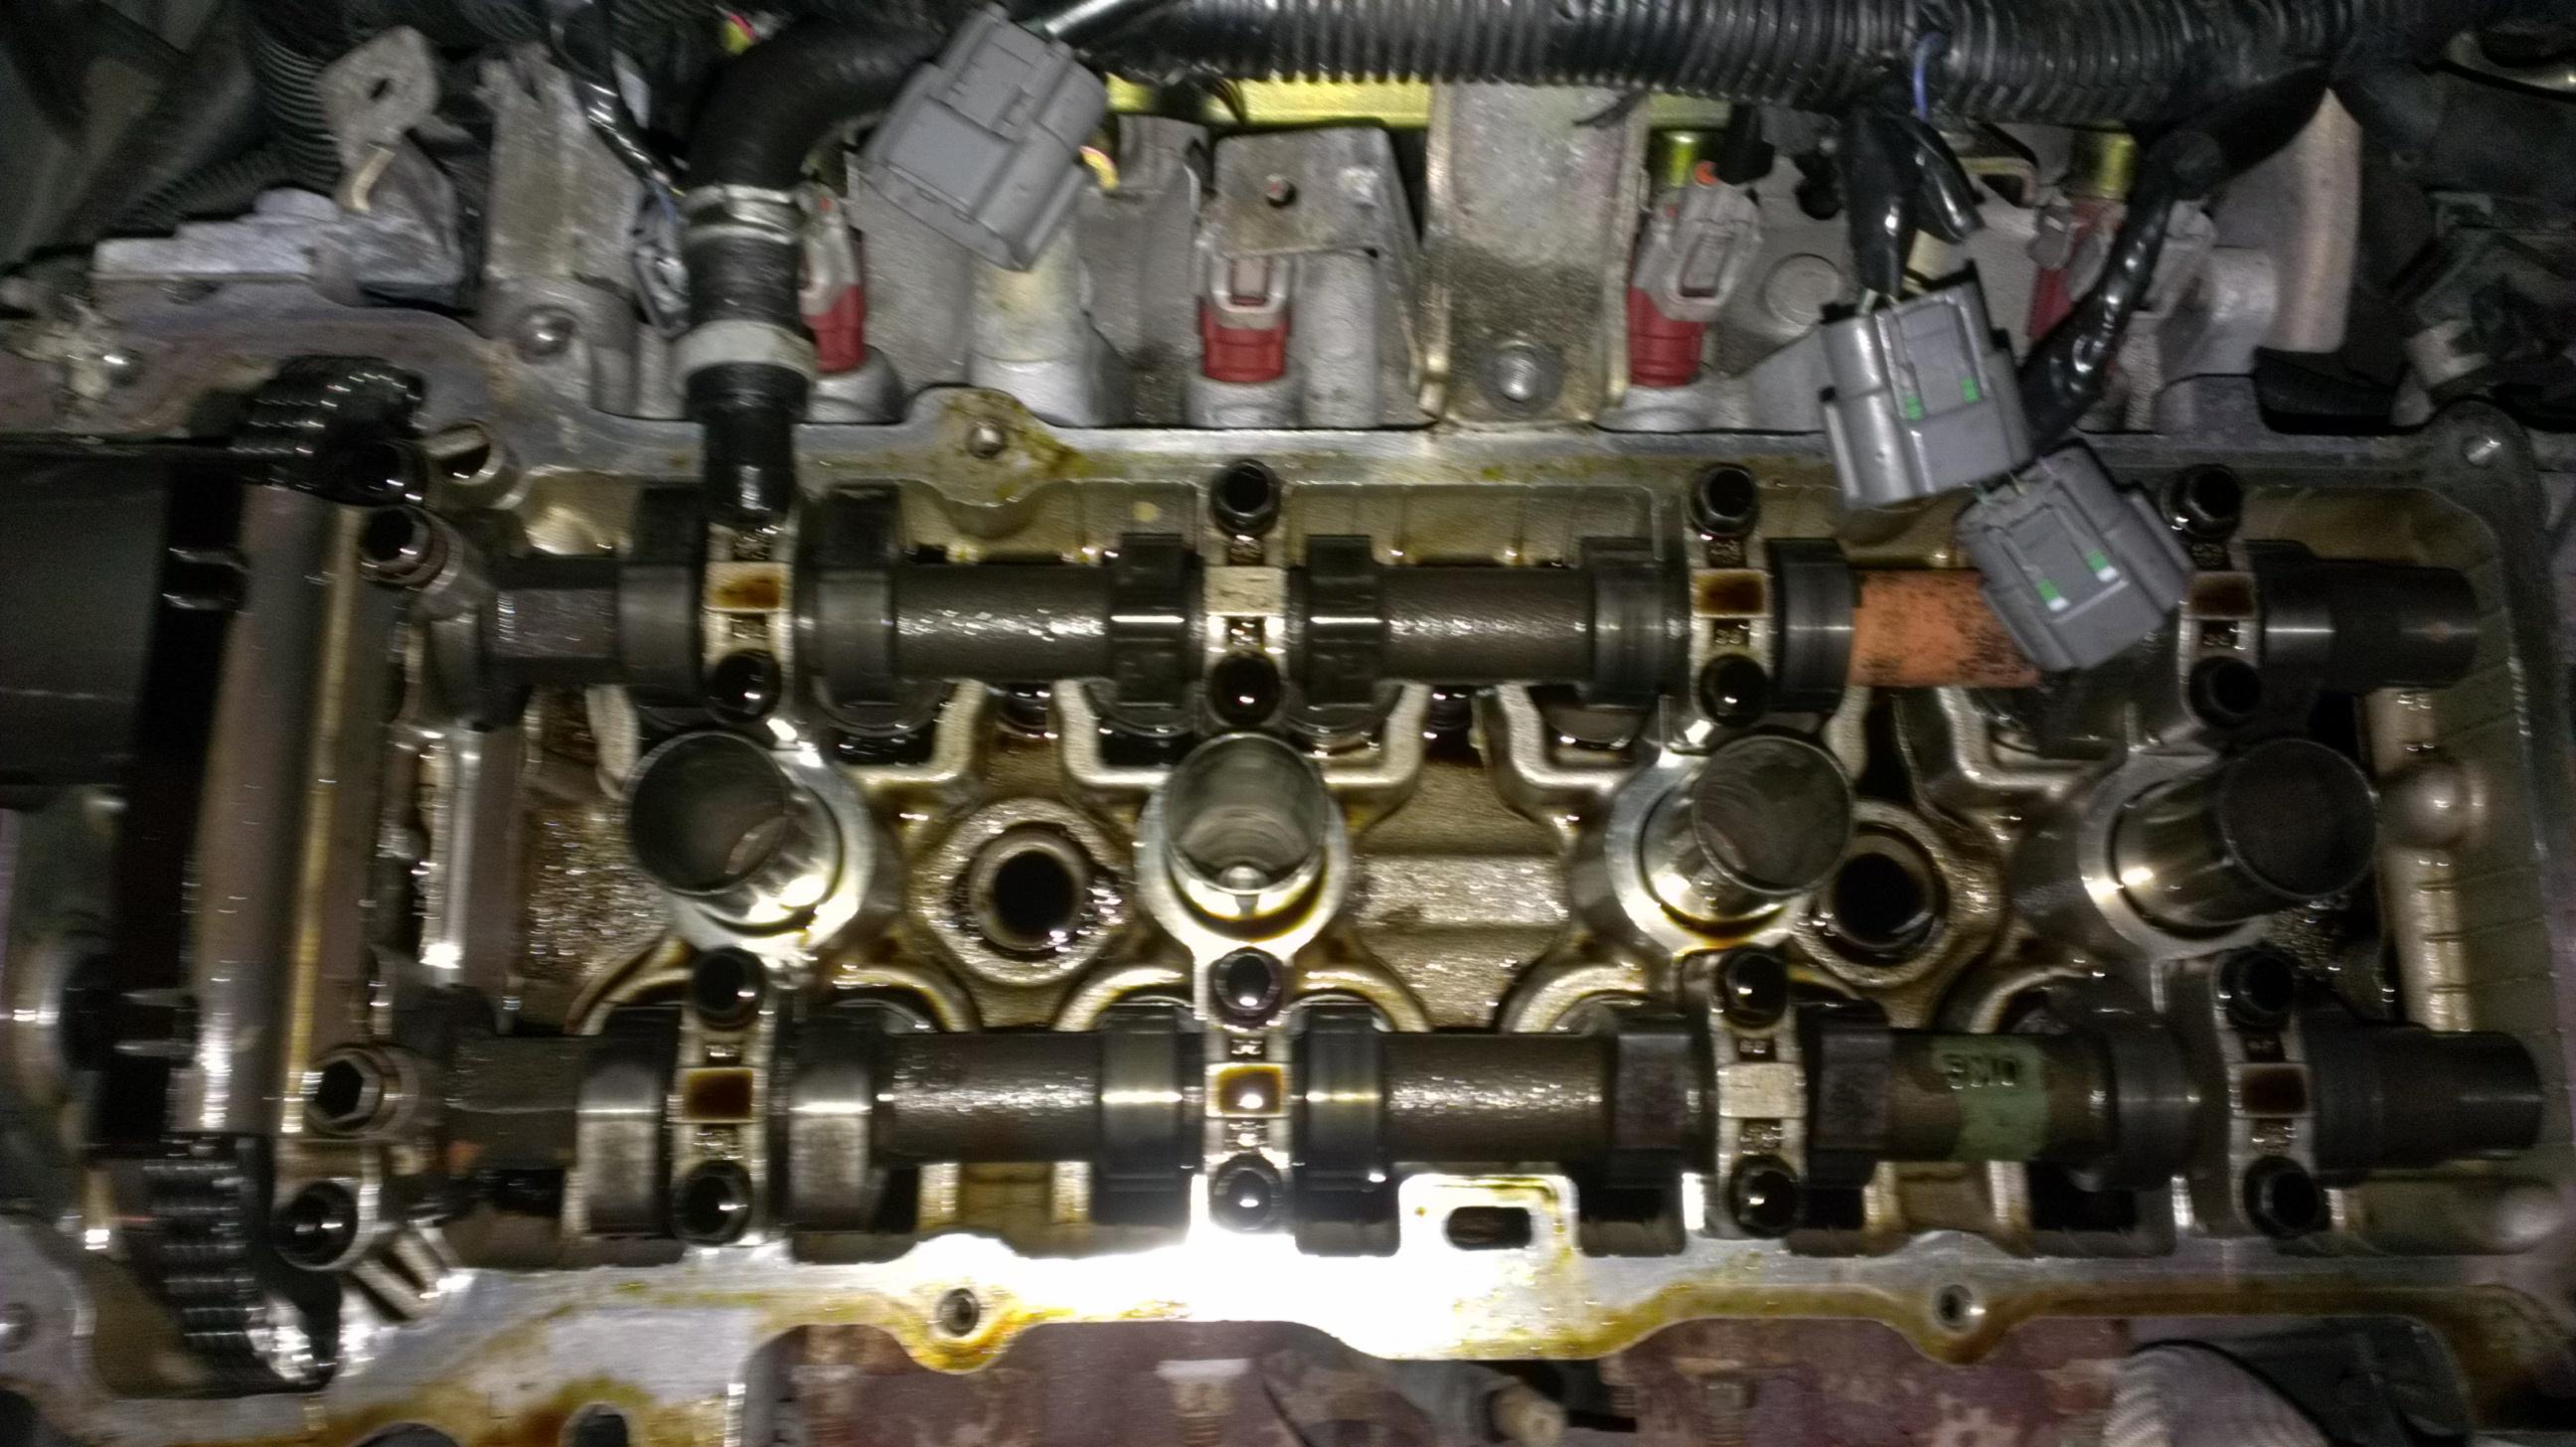 I have a 2002 nissan sentra gxe 1.8 standard transmission ...